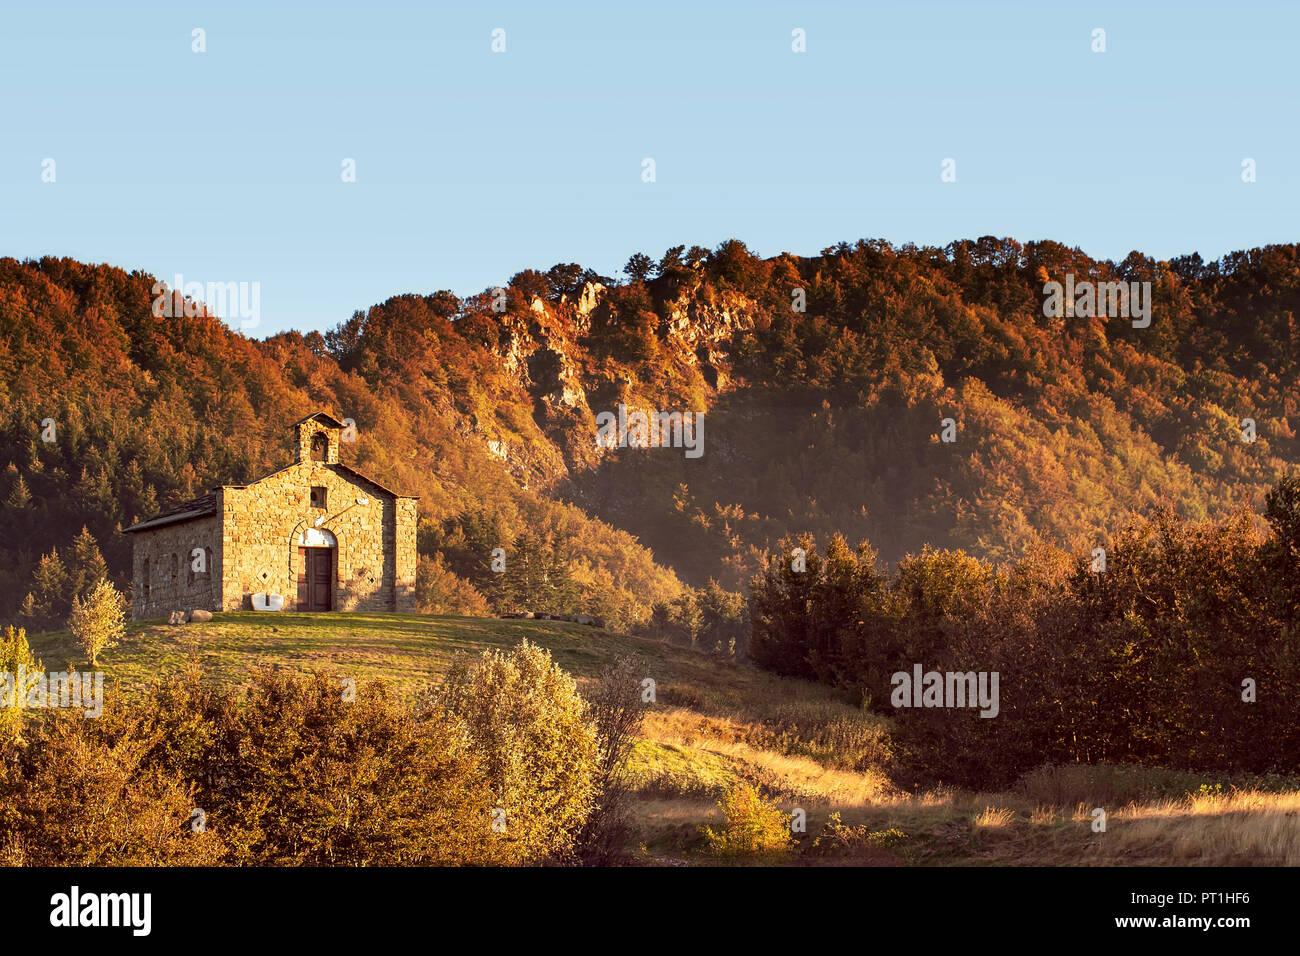 Église sur le Passo del Cirone, mountain pass dans les Apennins, en Italie. C 1240 mètres au-dessus du niveau de la mer. Soirée d'automne, automne, heure d'or. Photo Stock